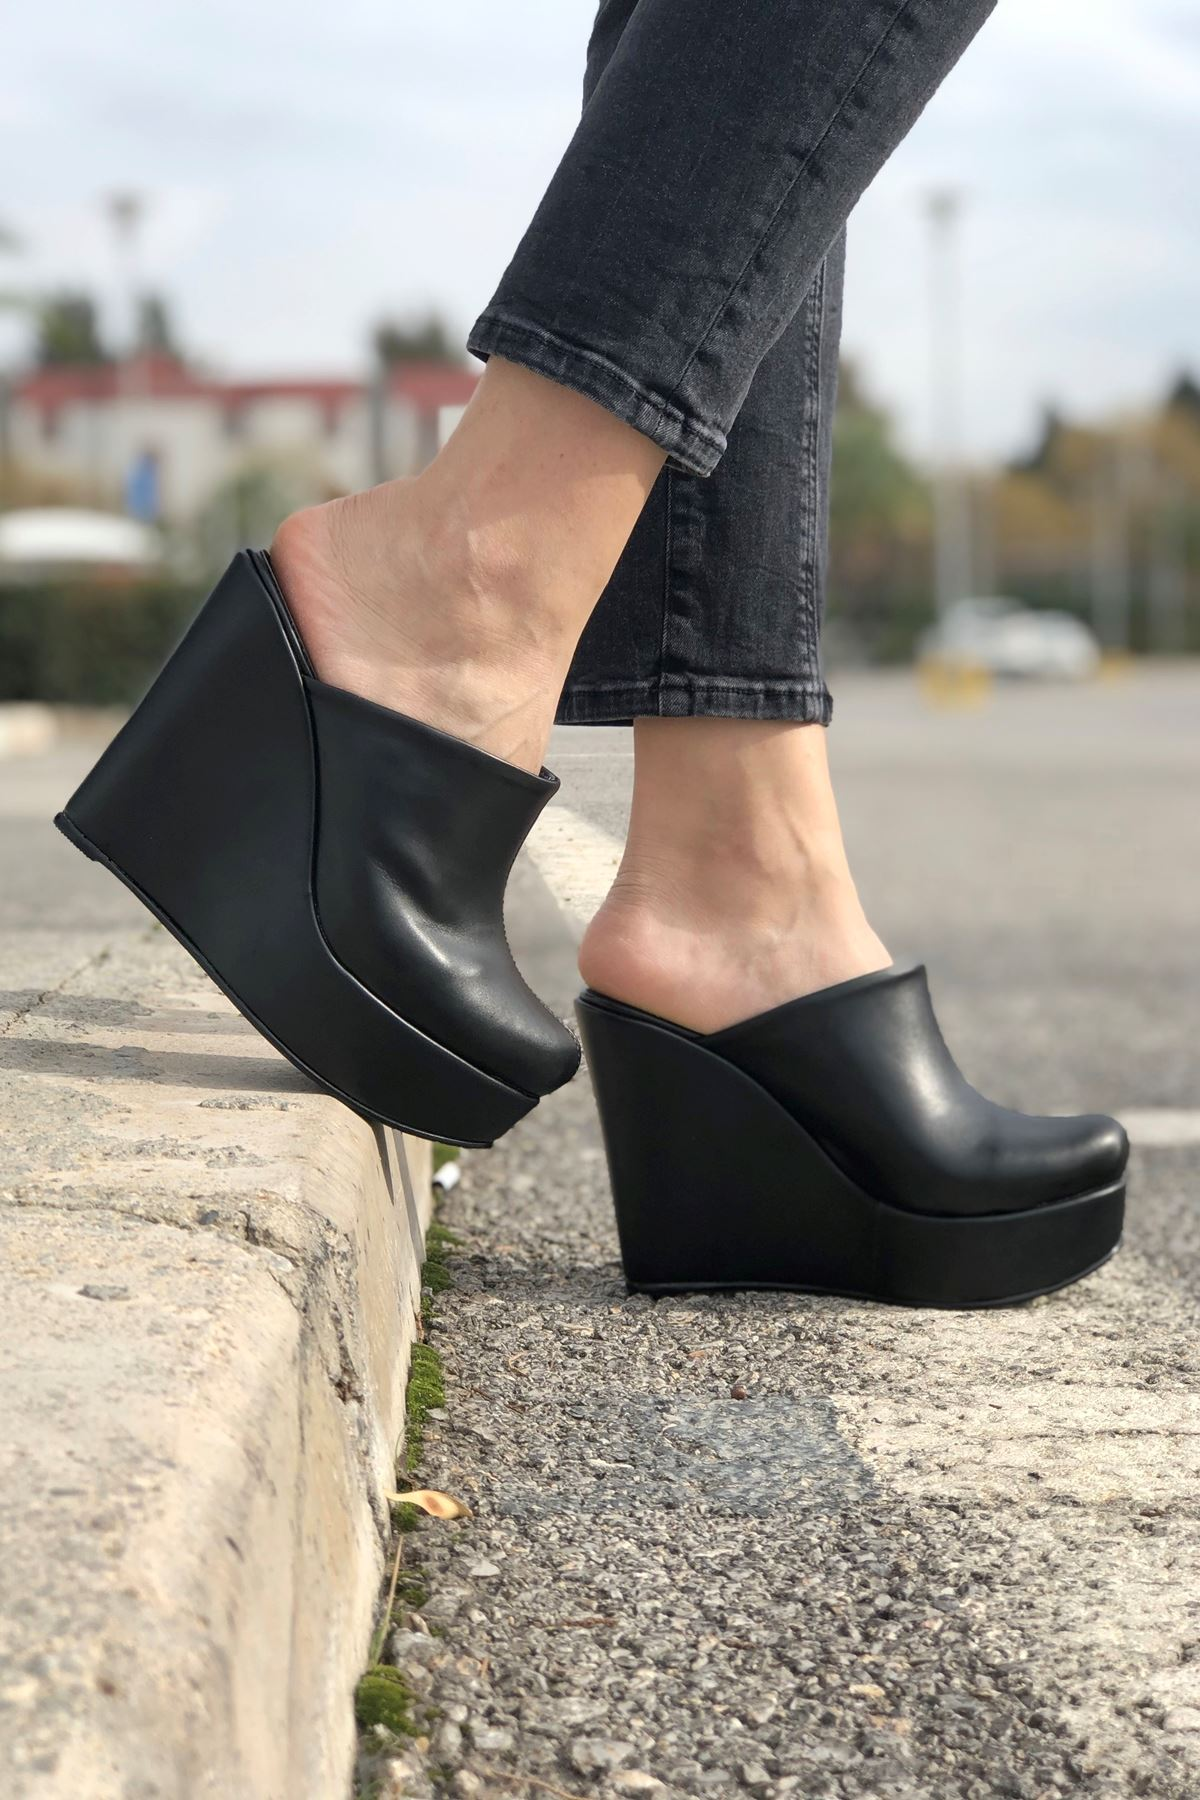 Cindy Siyah Cilt Dolgu Topuk Kadın Ayakkabı